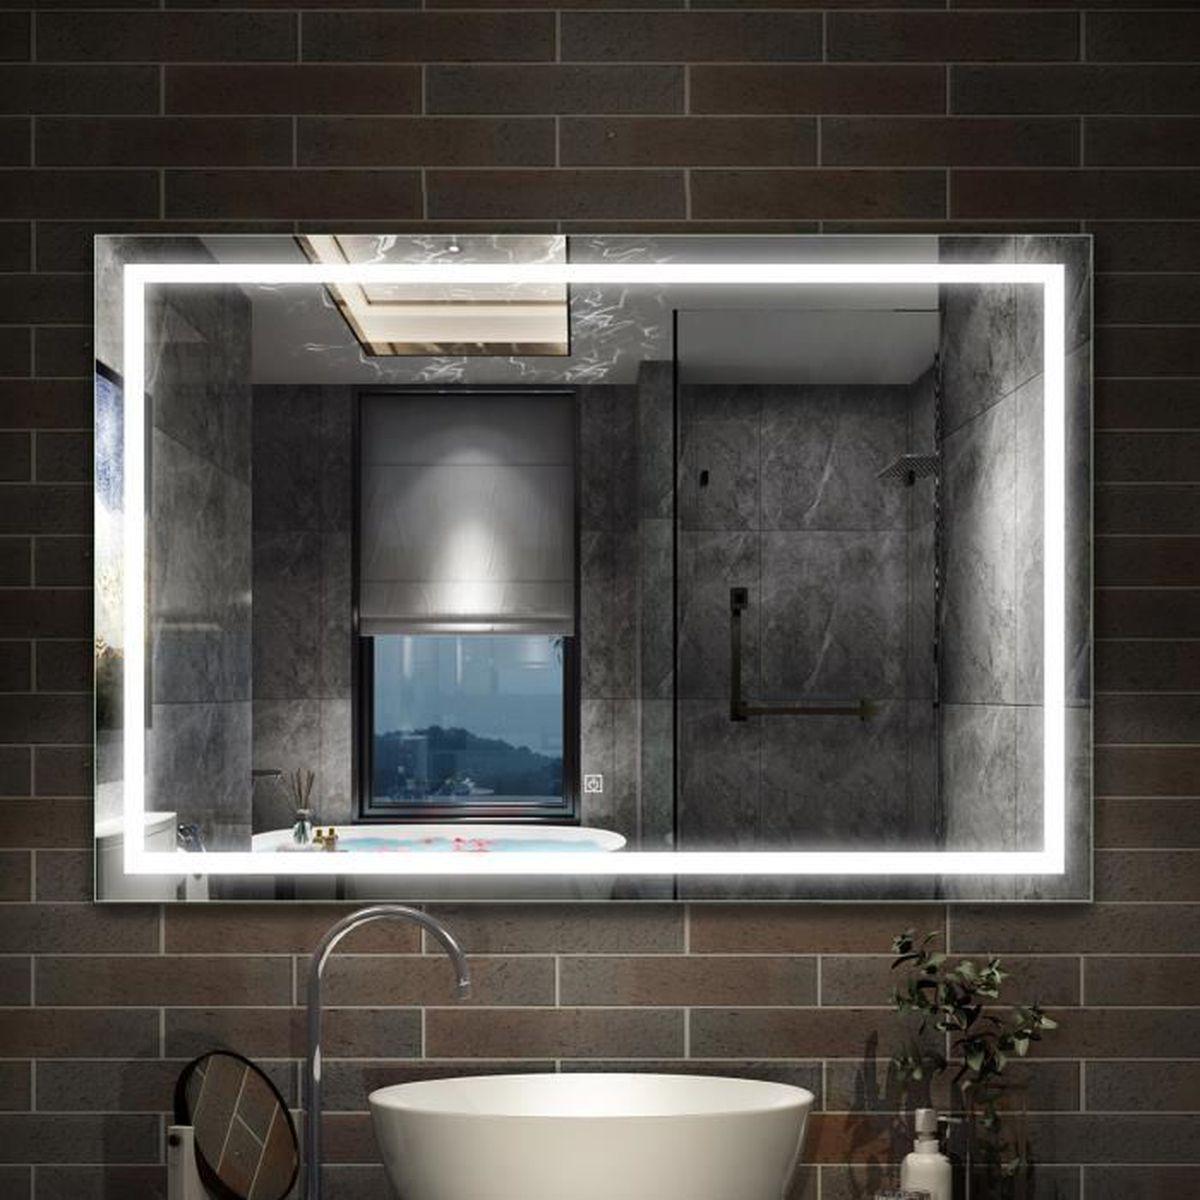 Miroir de salle de bain anti-buée 20x20cm - Achat / Vente miroir